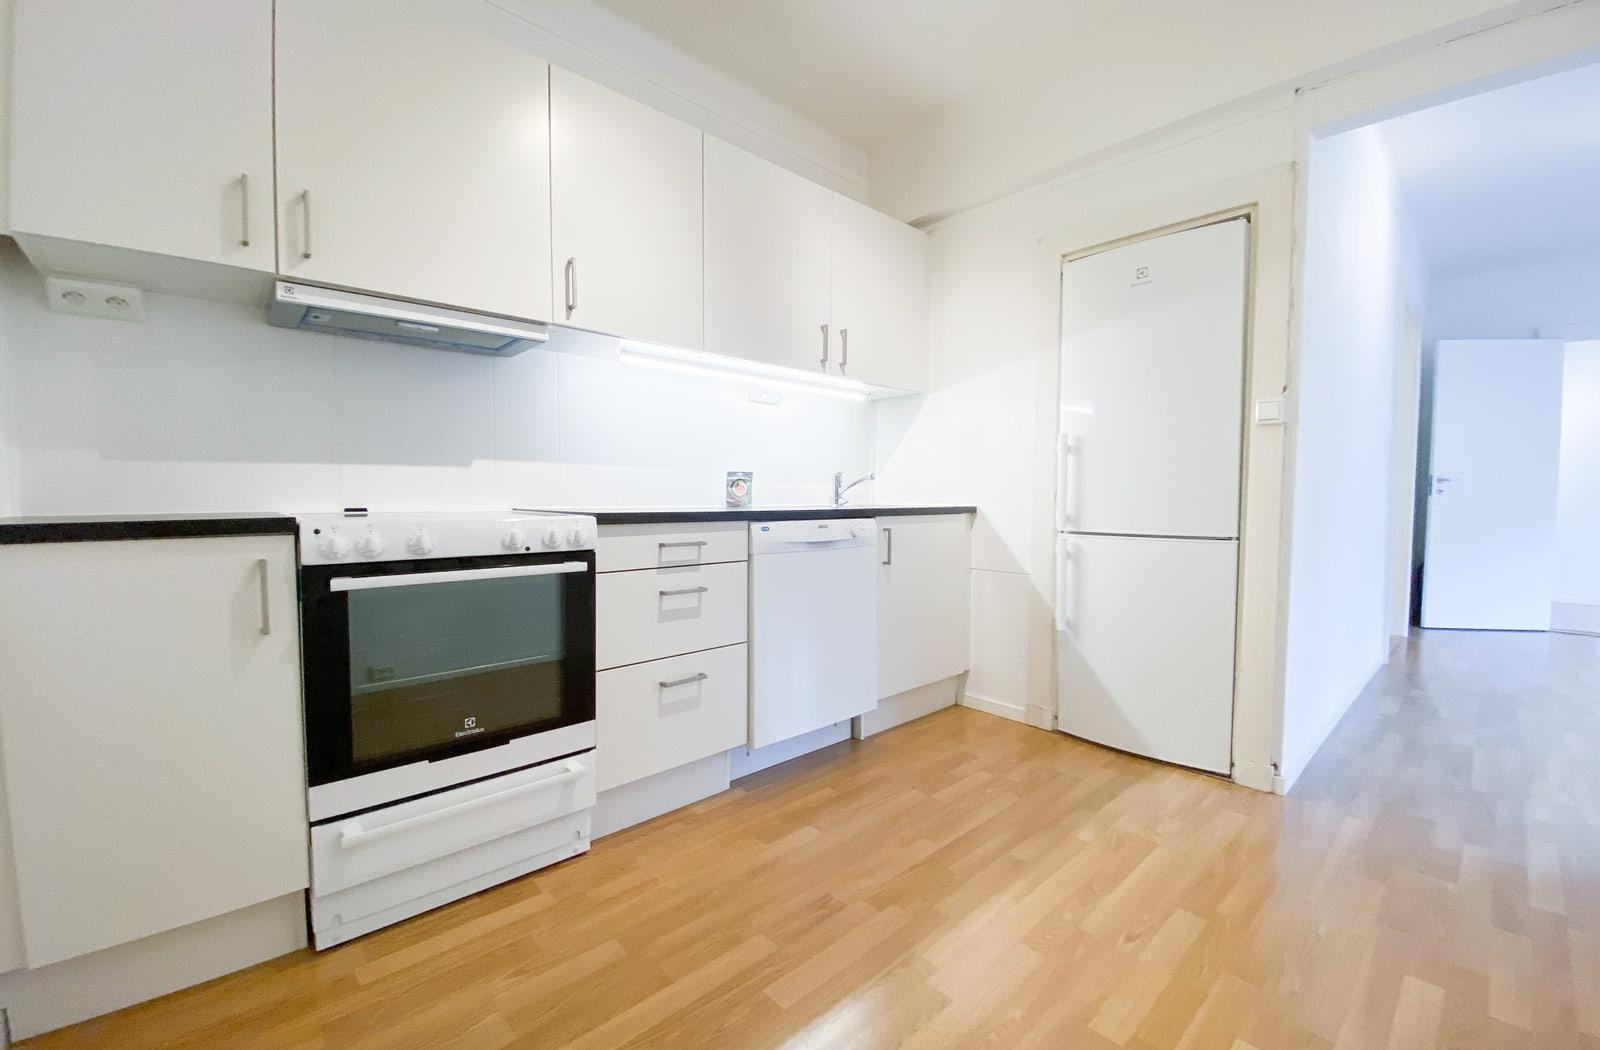 Kjøkken med alle hvitevarer og plass til spisebord